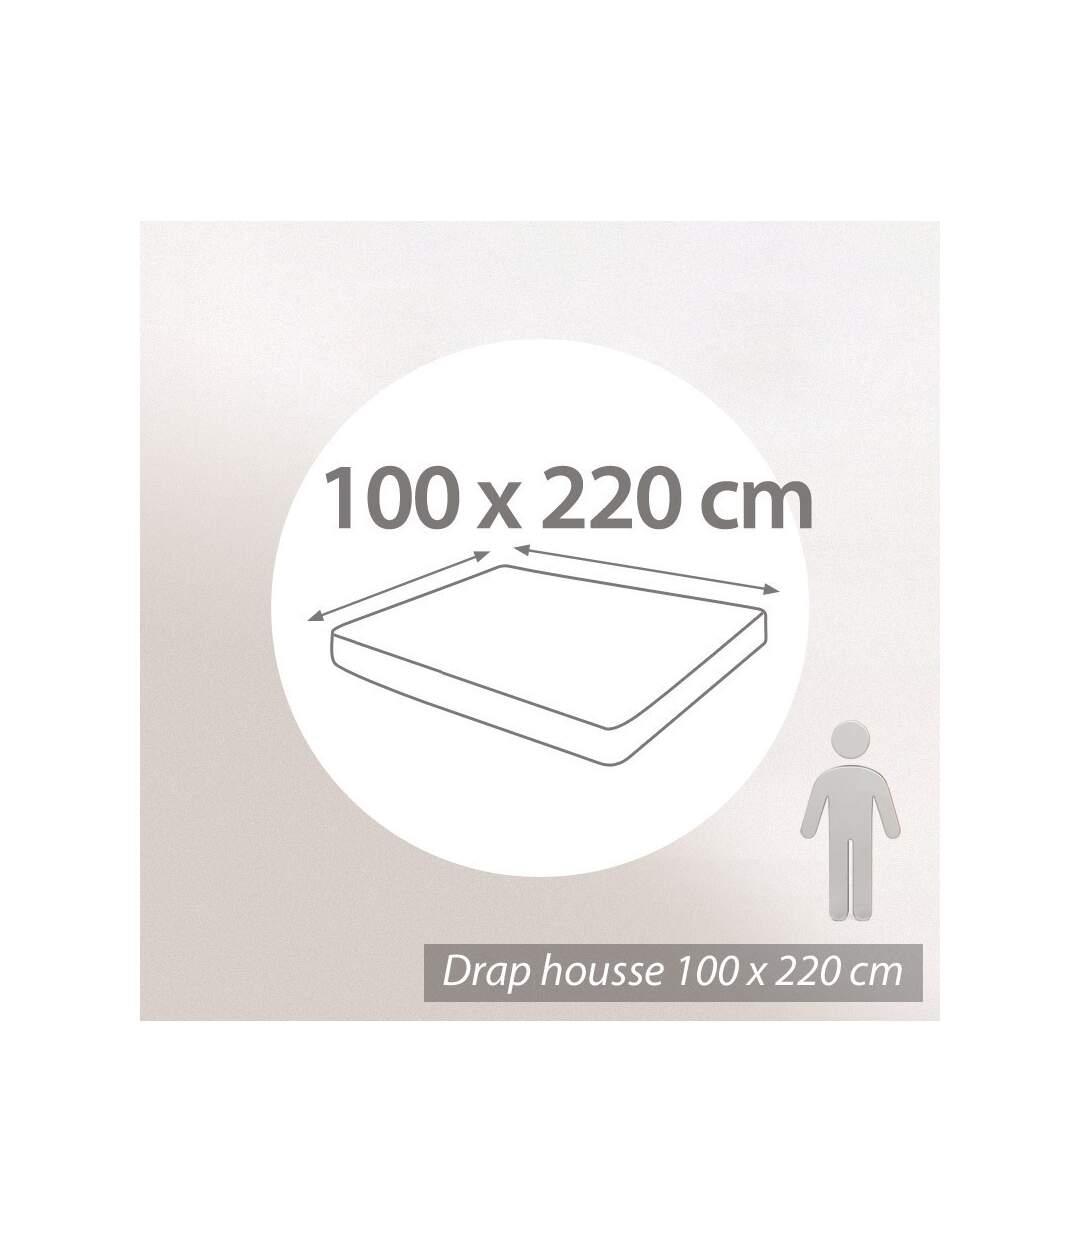 Protège matelas imperméable 100x220 cm ANTONY Molleton enduction acrylique Bonnet 30cm